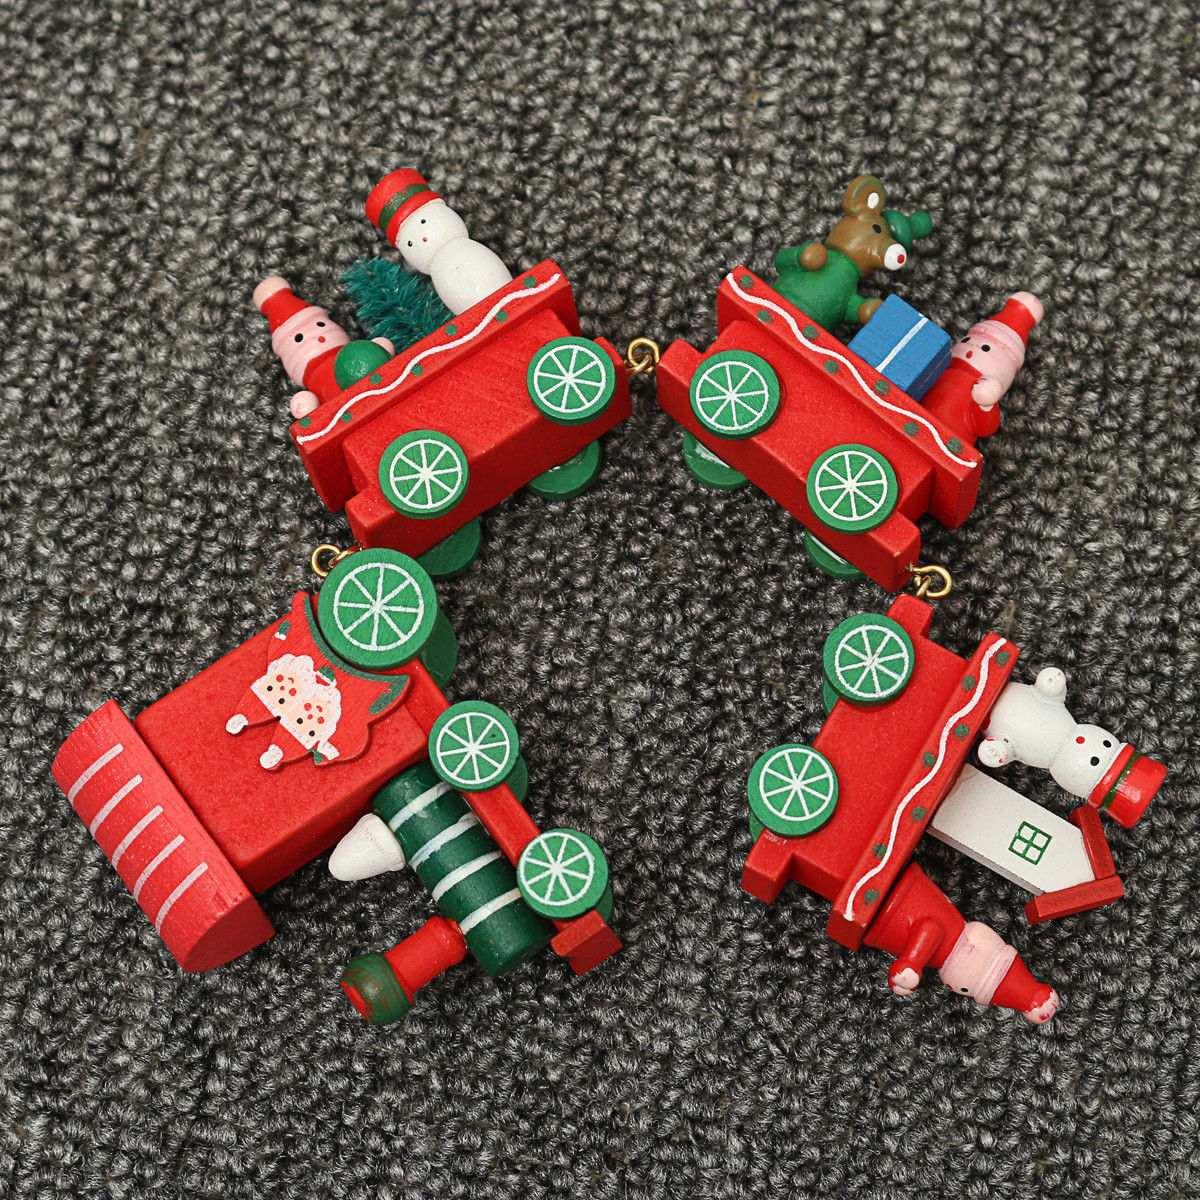 fbc08a29888 decoración de la casa de adorno de madera navidad... (red). Cargando zoom.